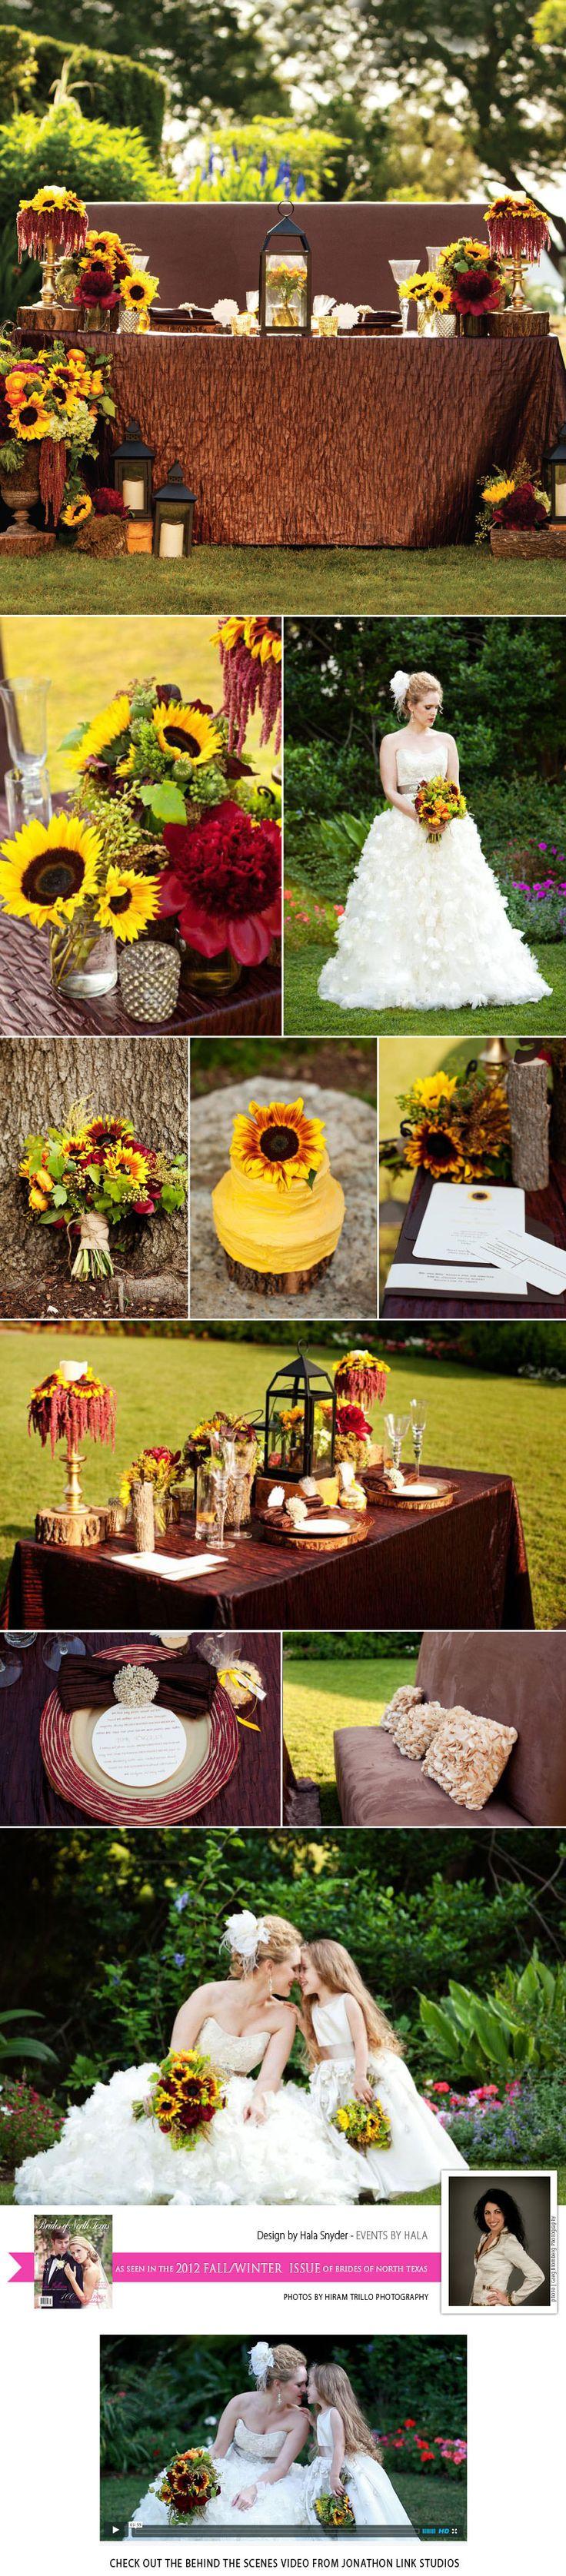 Sunflower inspired tabletop